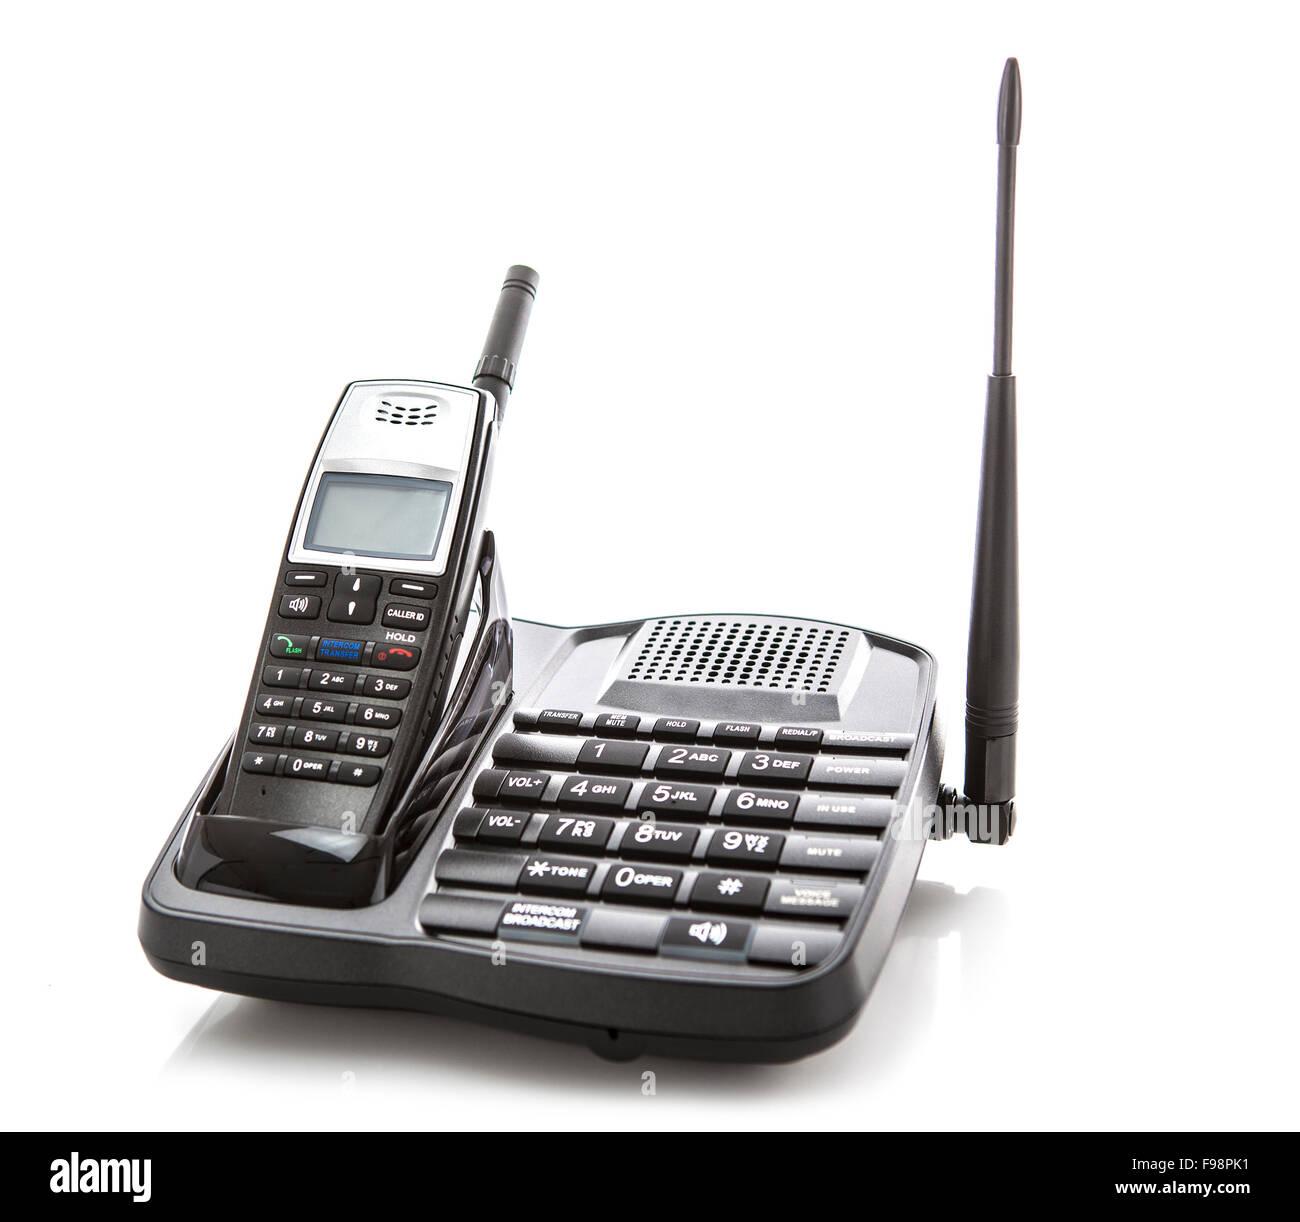 Long Range cordless phone on white background - Stock Image